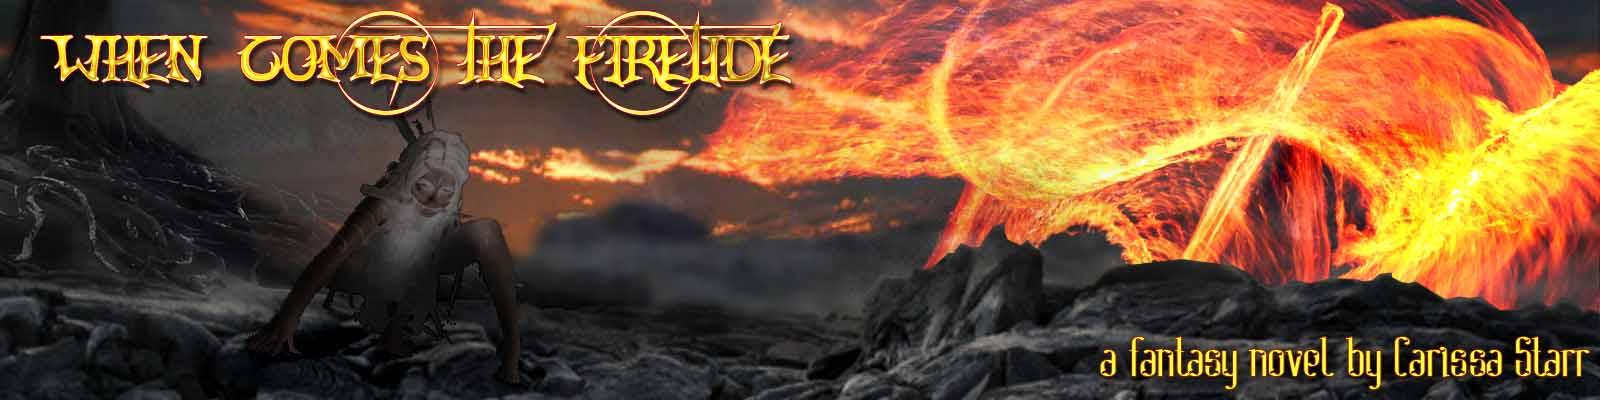 When Comes the Firetide